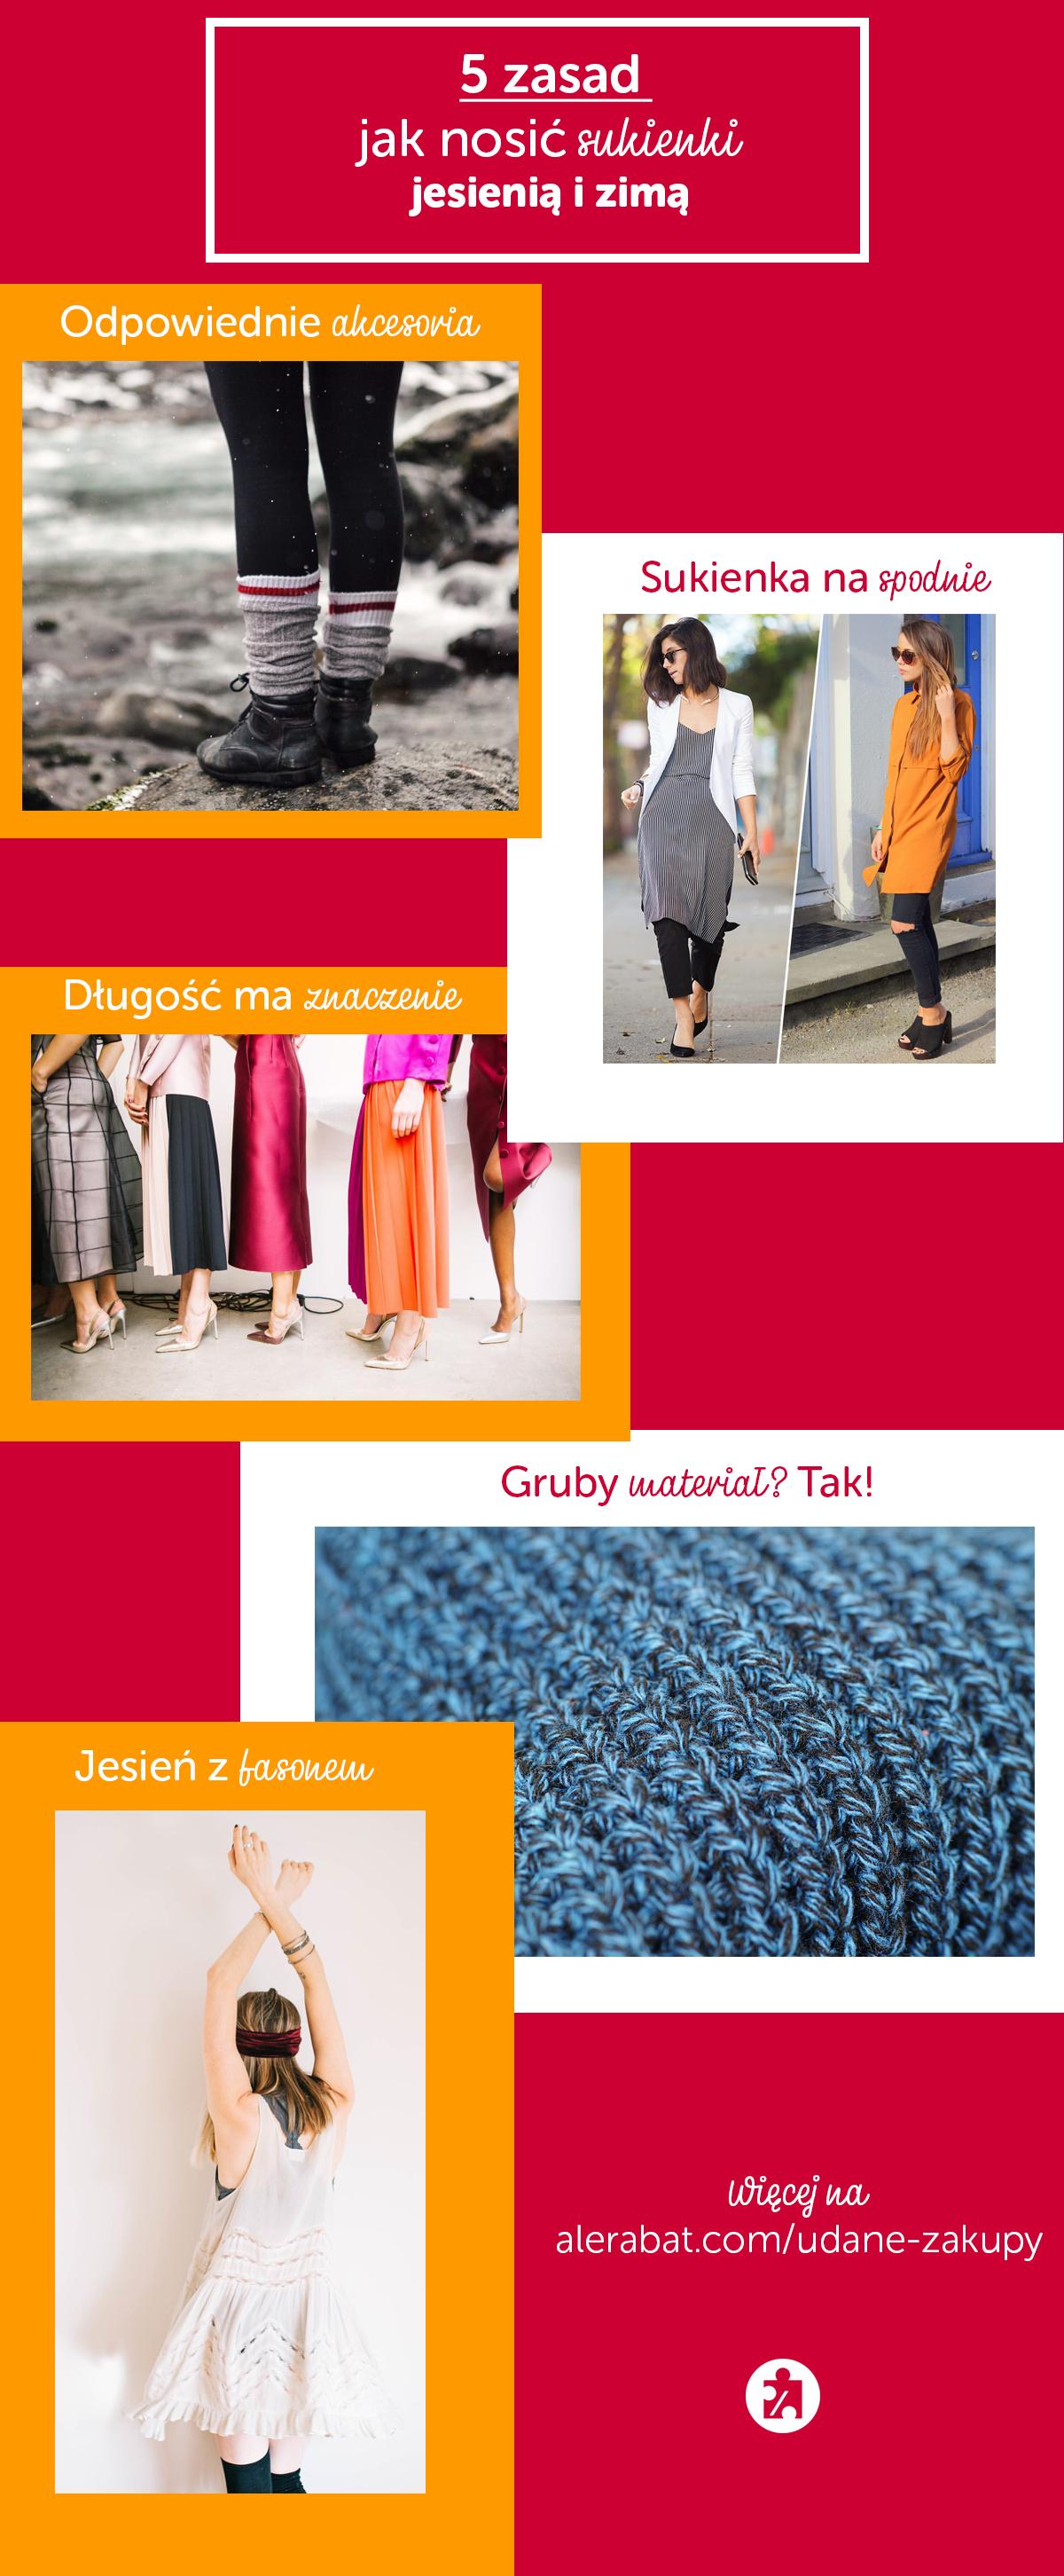 5 Zasad Jak Nosic Sukienki Jesienia I Zima Udanezakupy Jesien Sukienki Moda Fashion Fashion Shopping